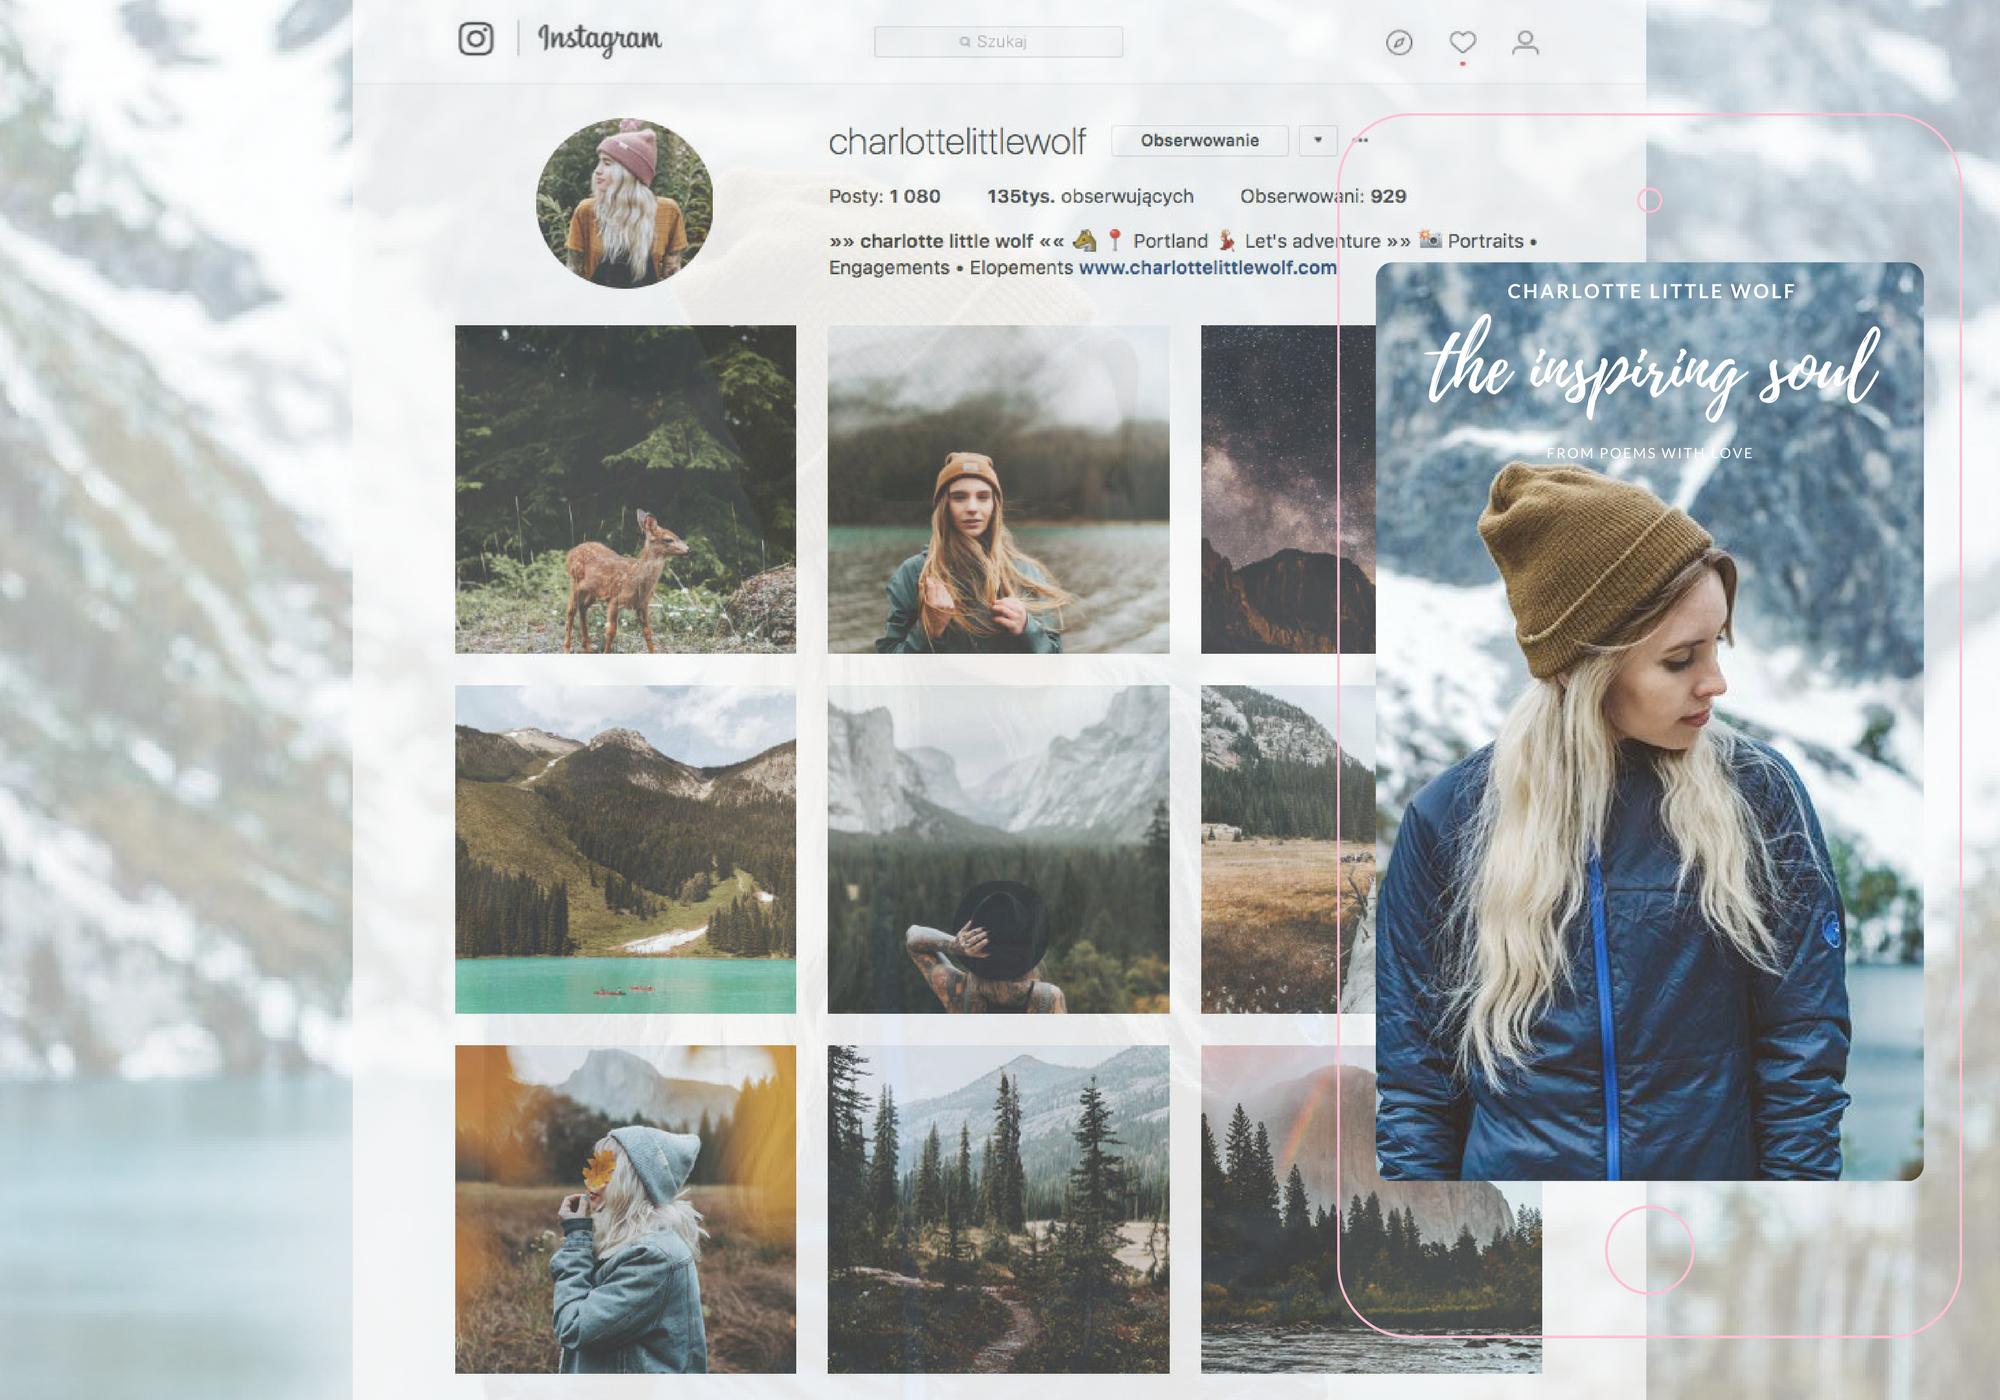 Inspirujące instagramowe dusze, odc. 1: Charlotte Little Wolf